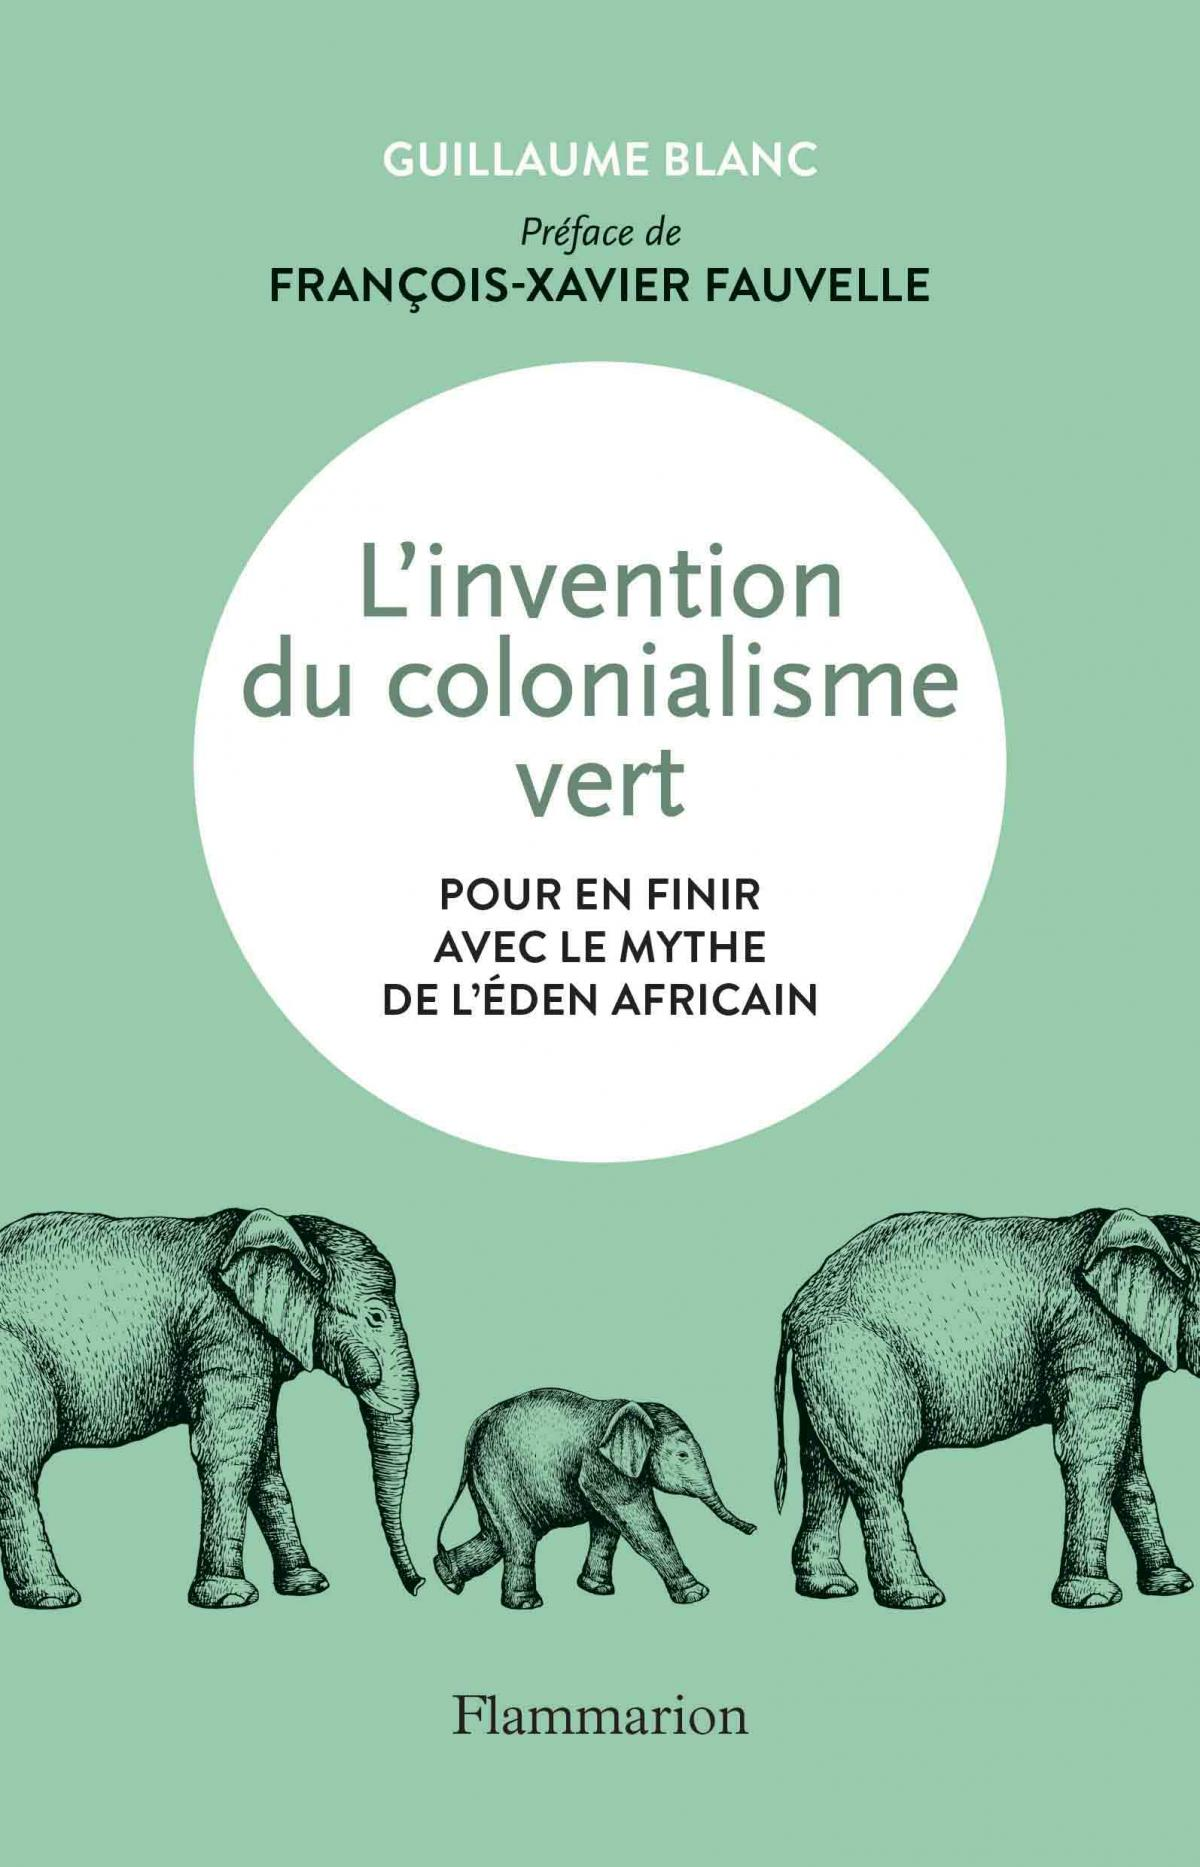 L'invention du colonialisme vert. Pour en finir avec le mythe de l'Eden africain de Guillaume Blanc